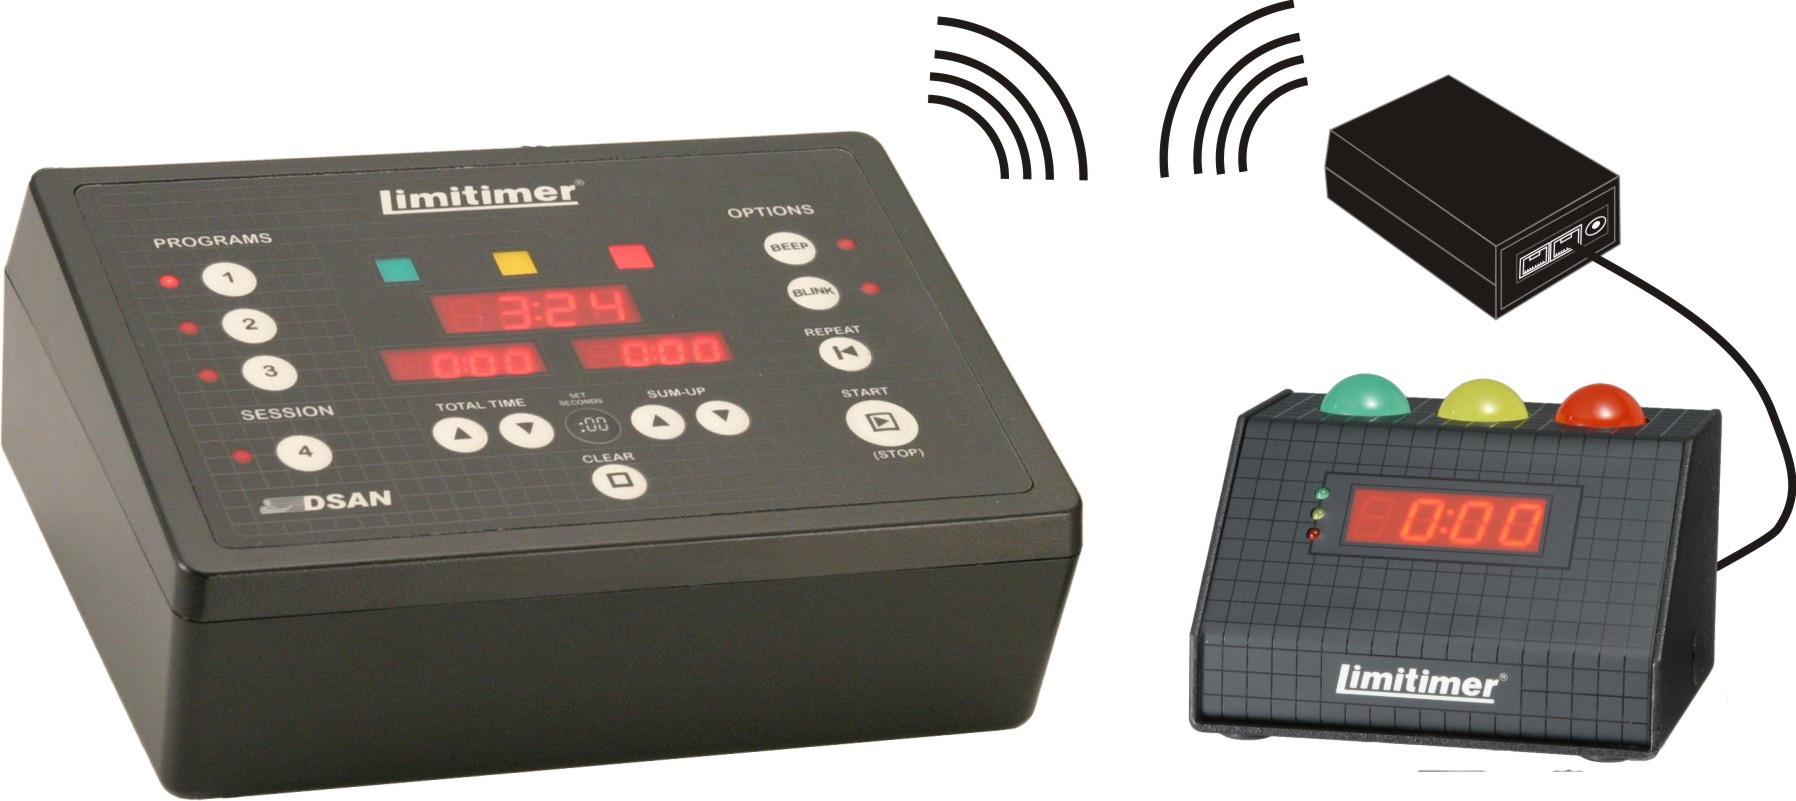 D San PRO 2000BT Bluetooth Limitimer System PRO-2000BT